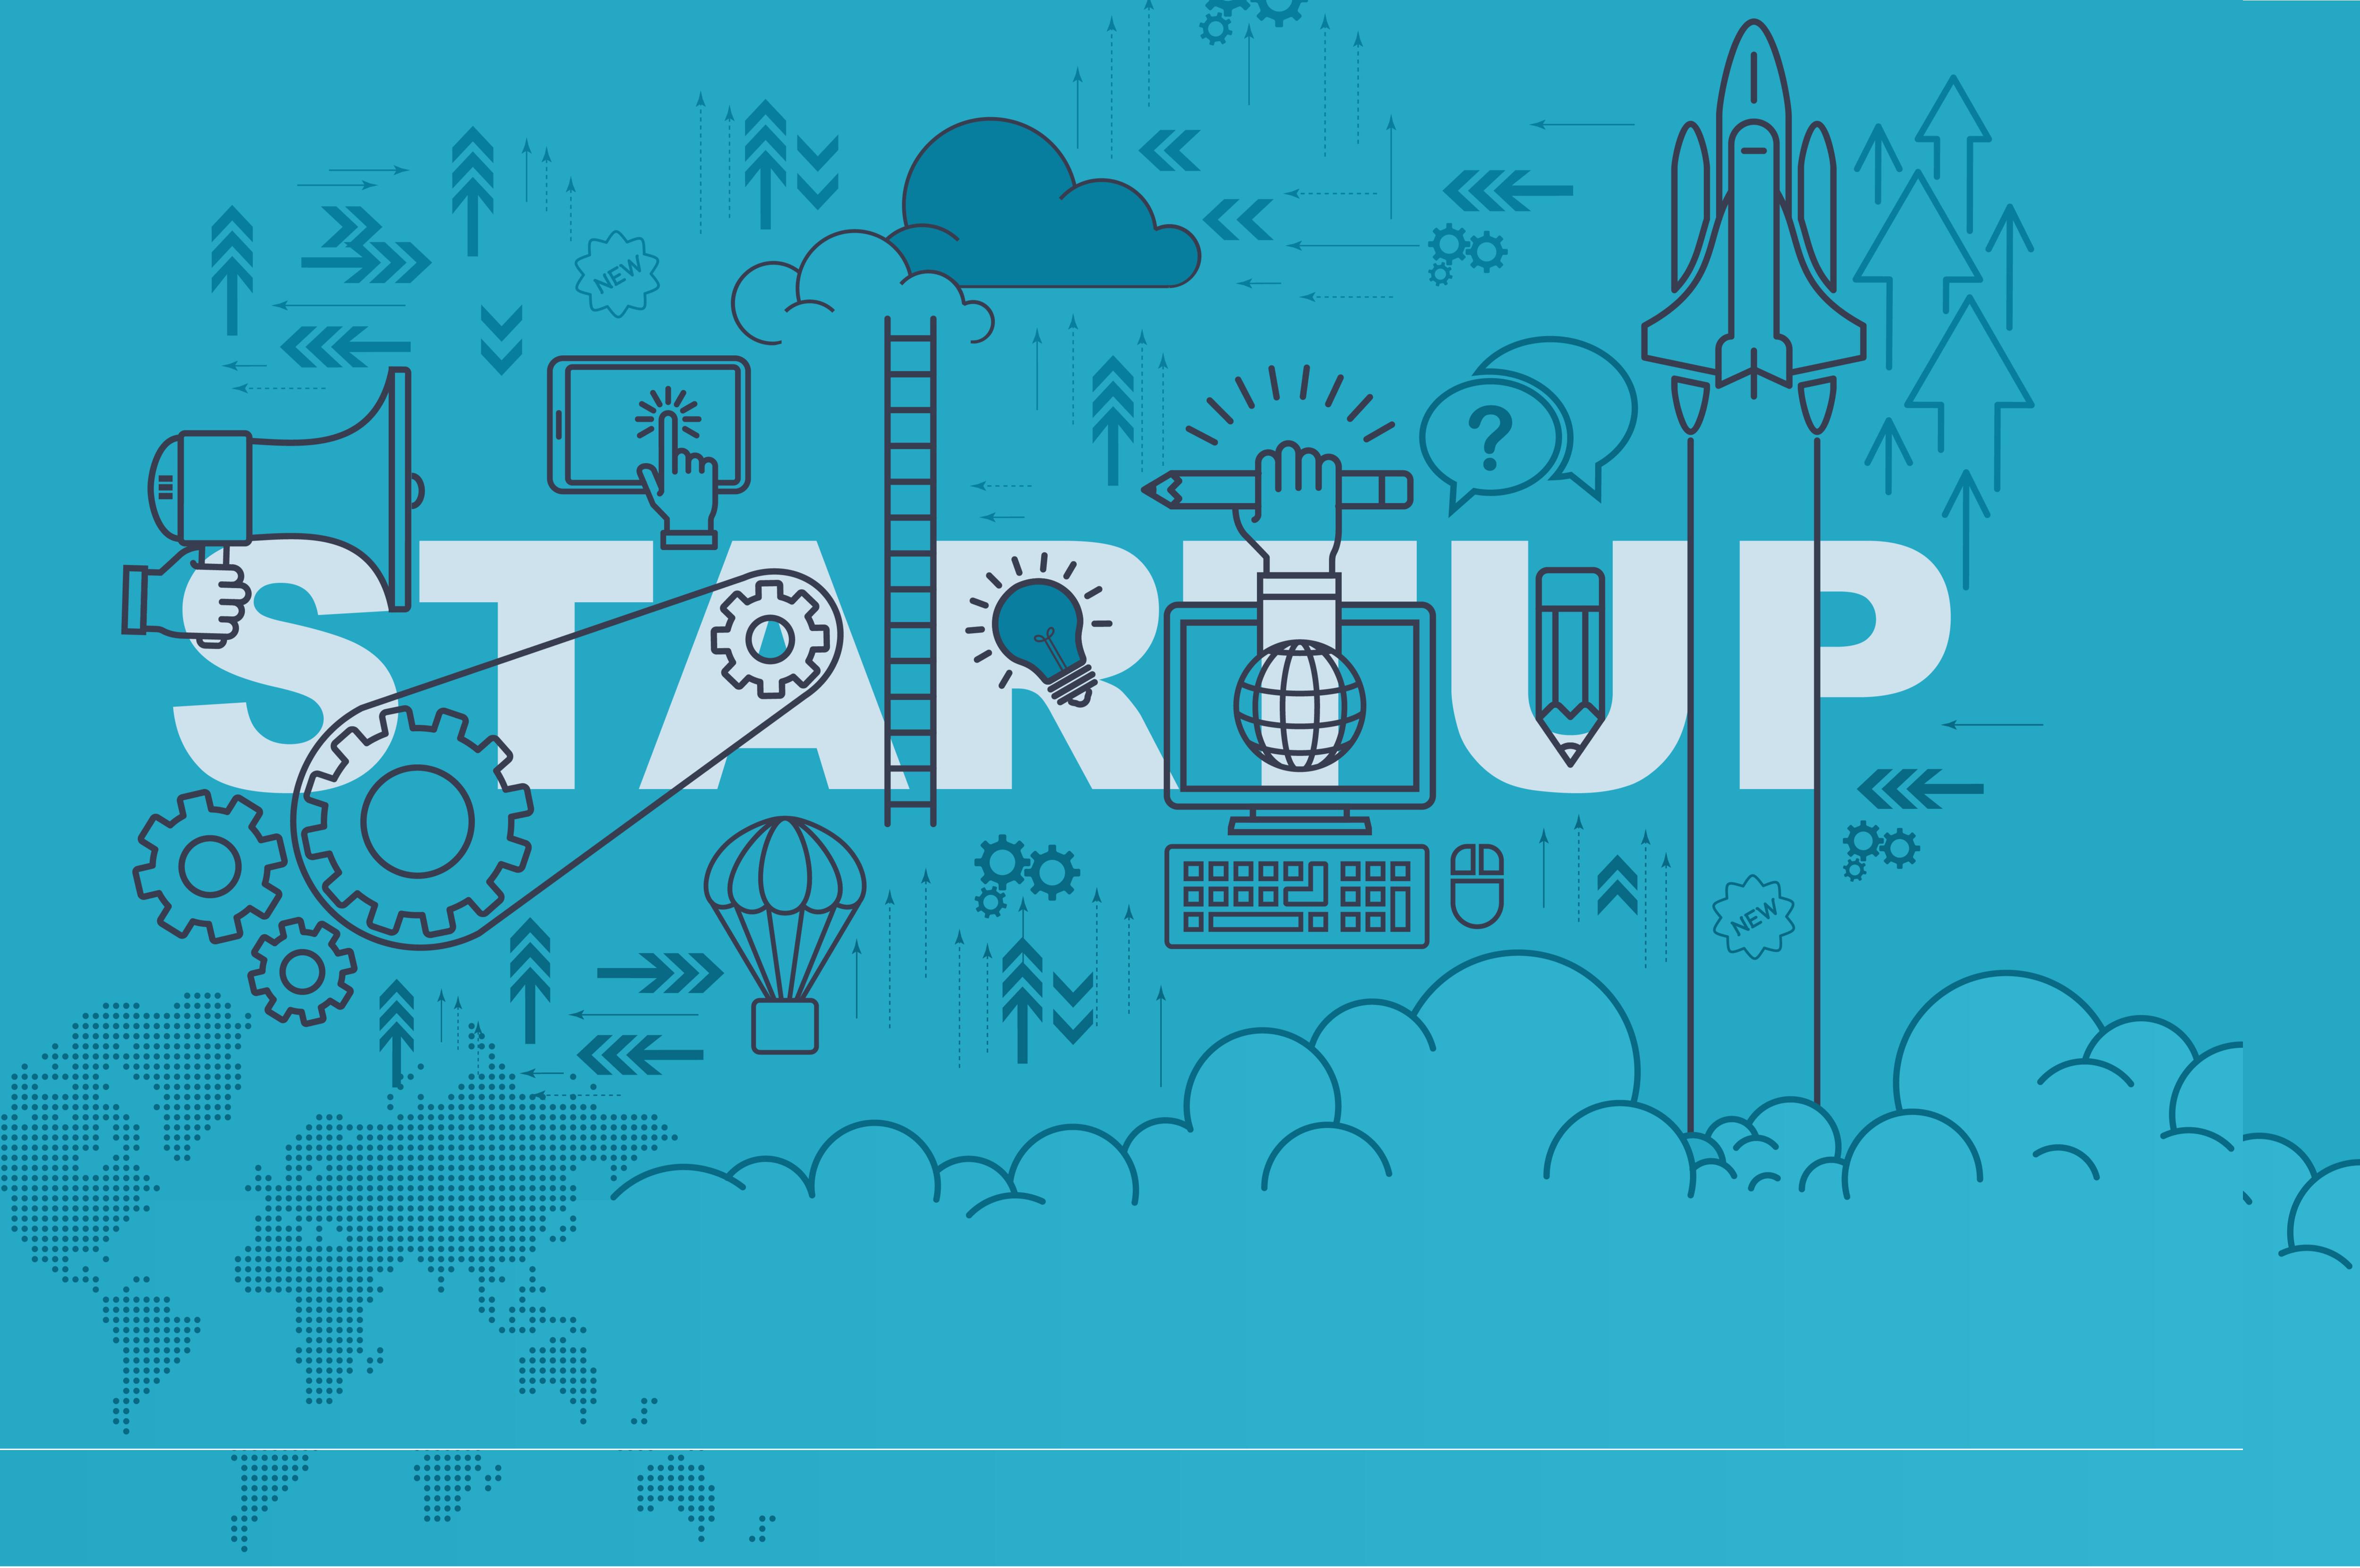 start-up.jpg